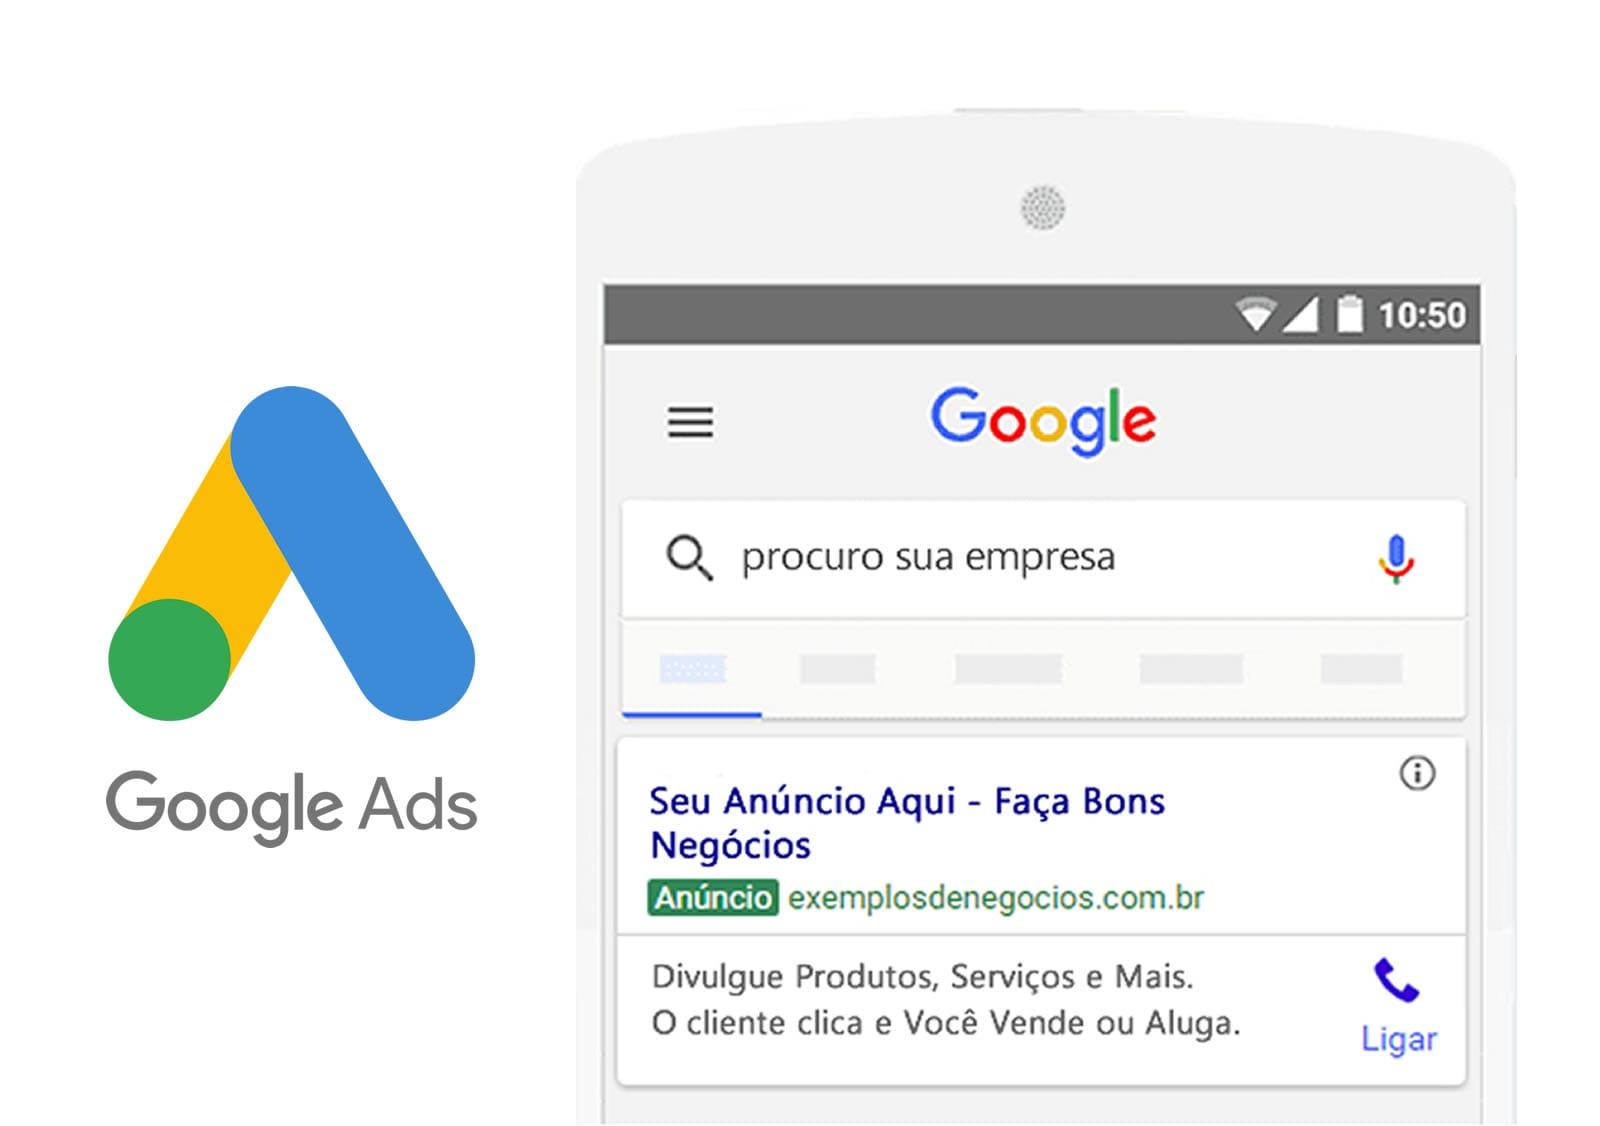 Agência de Criação - Belo Horizonte | Agência de Marketing Digital em BH - Serviço de Anúncios / Publicidade no Google - Anunciar no Google Ads